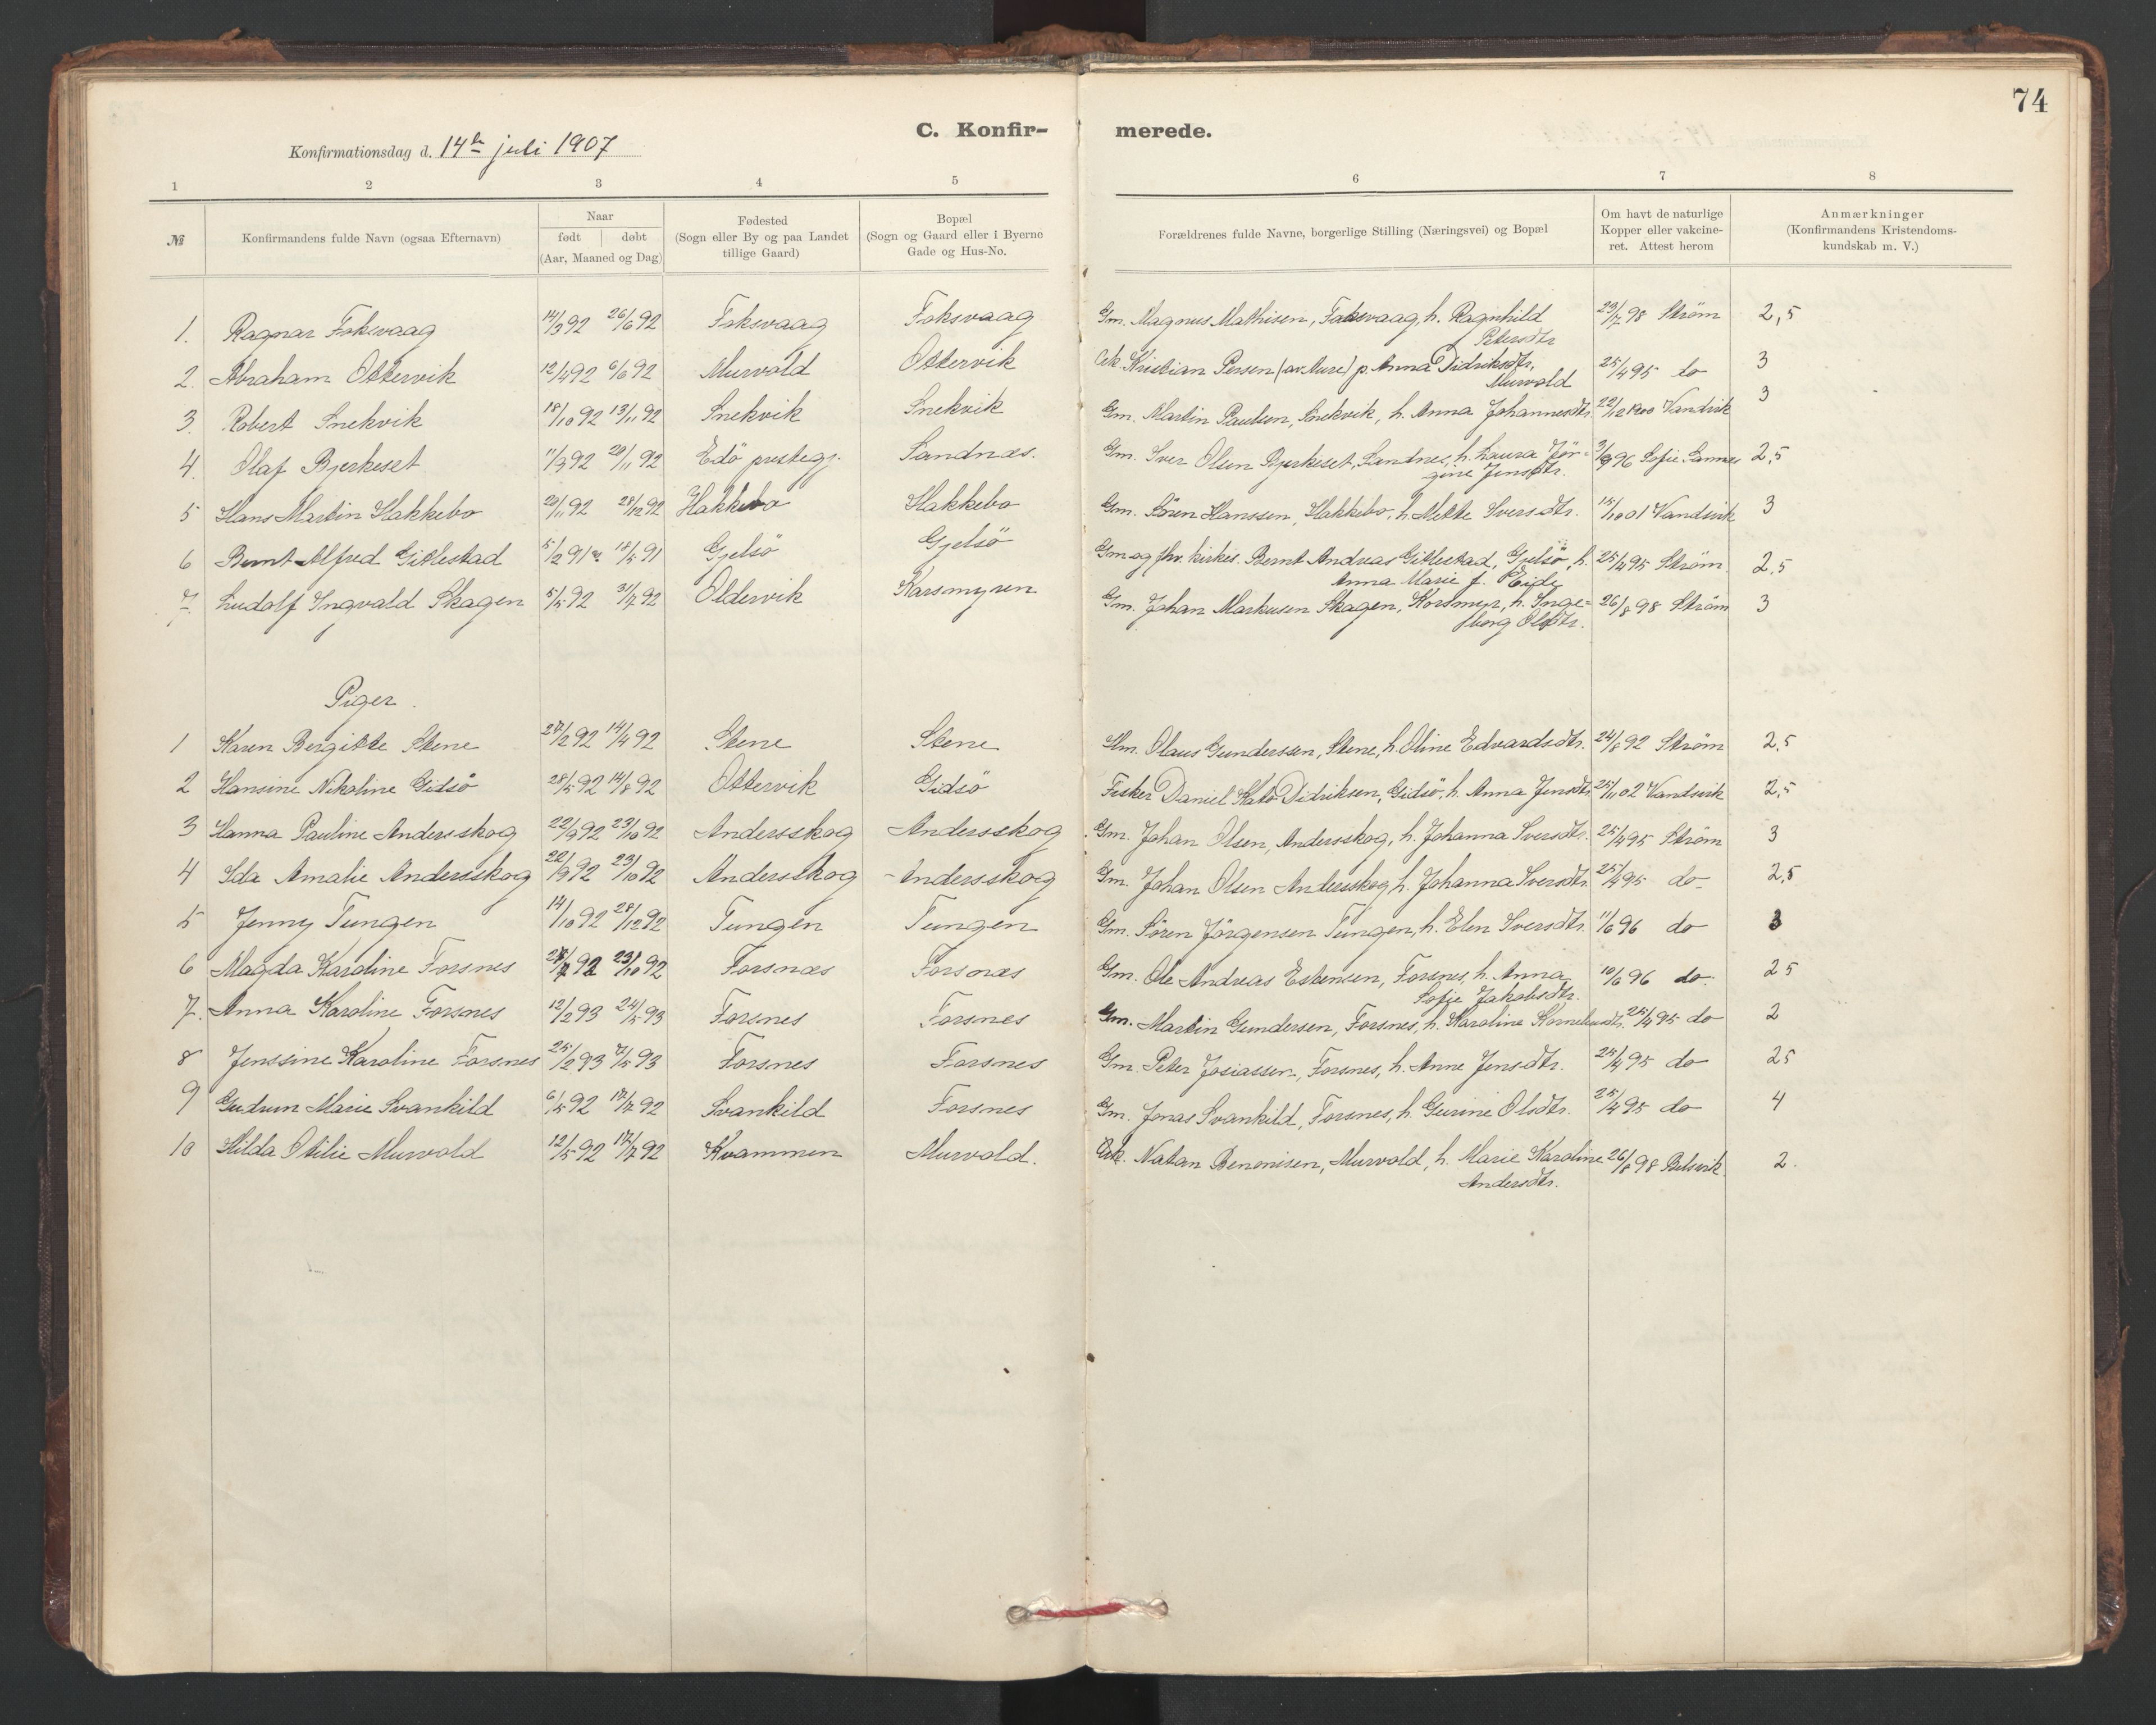 SAT, Ministerialprotokoller, klokkerbøker og fødselsregistre - Sør-Trøndelag, 635/L0552: Ministerialbok nr. 635A02, 1899-1919, s. 74